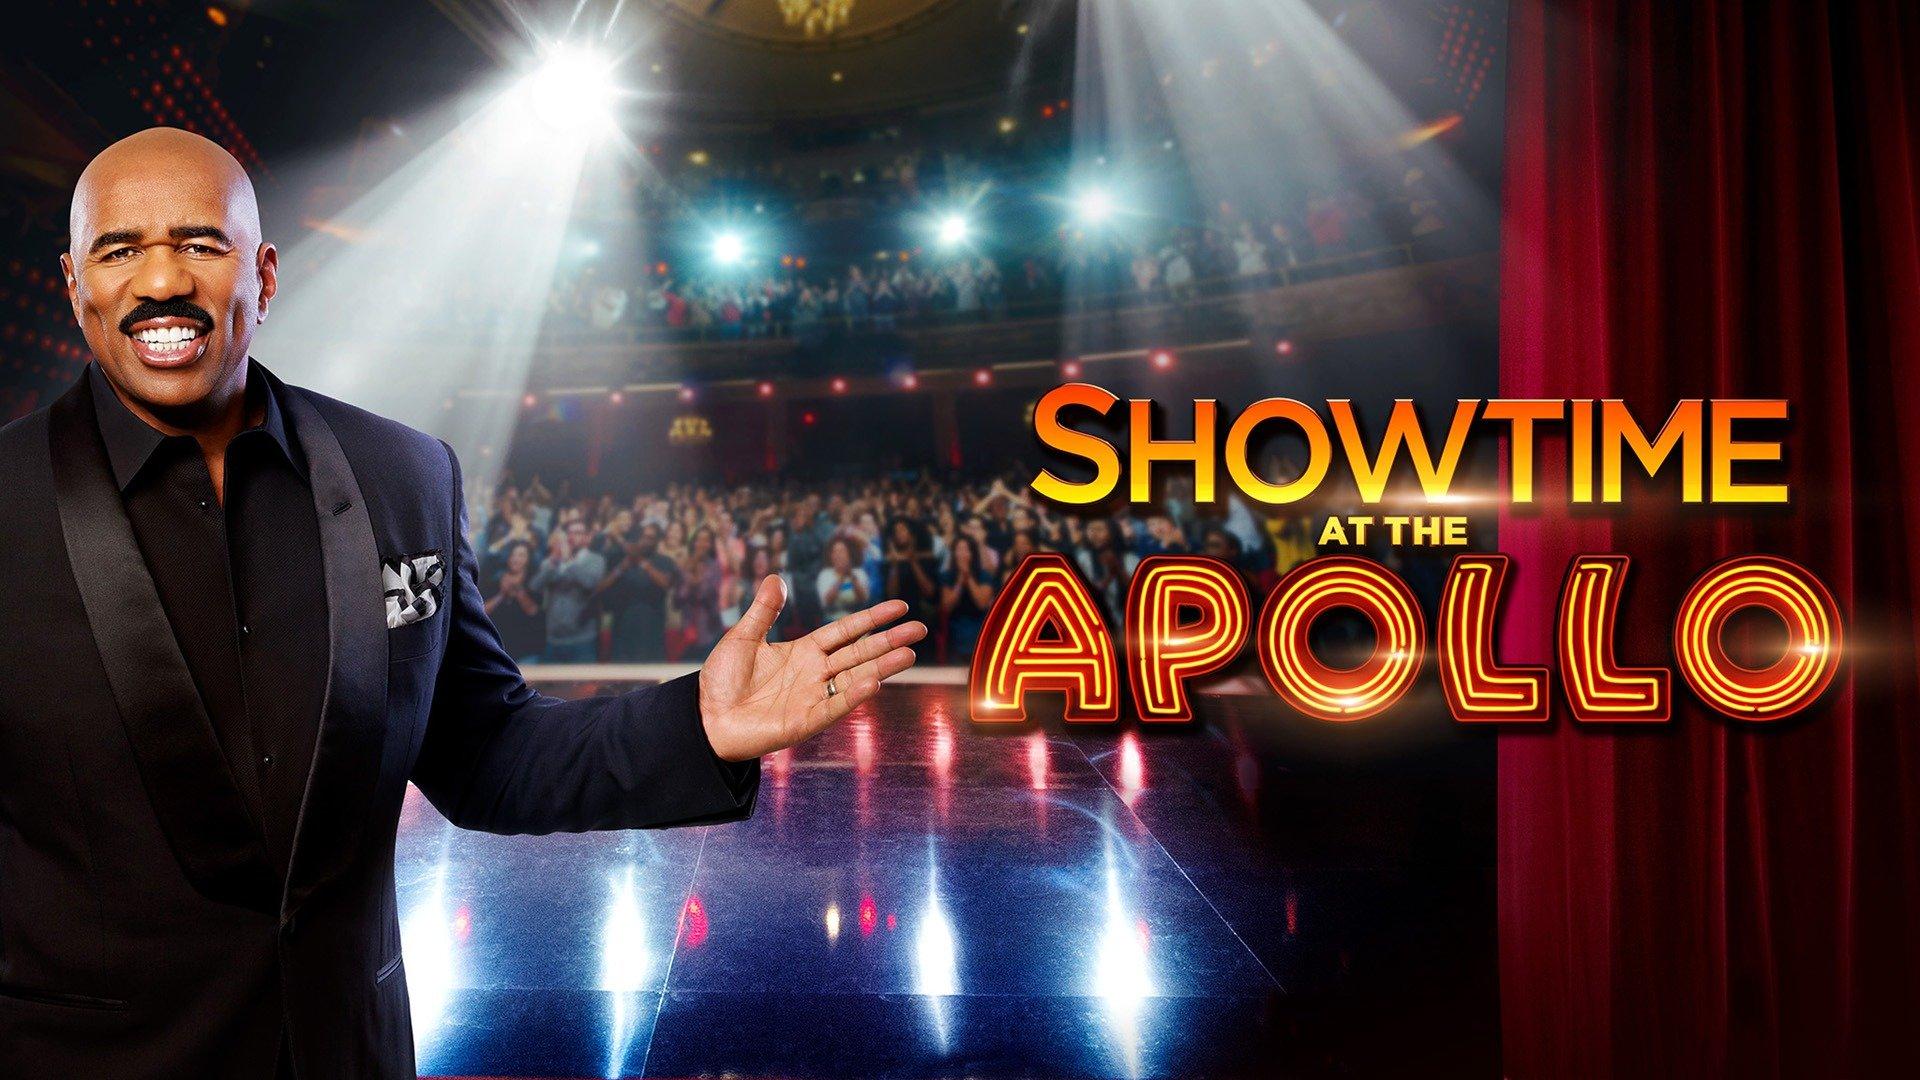 Showtime at the Apollo - FOX